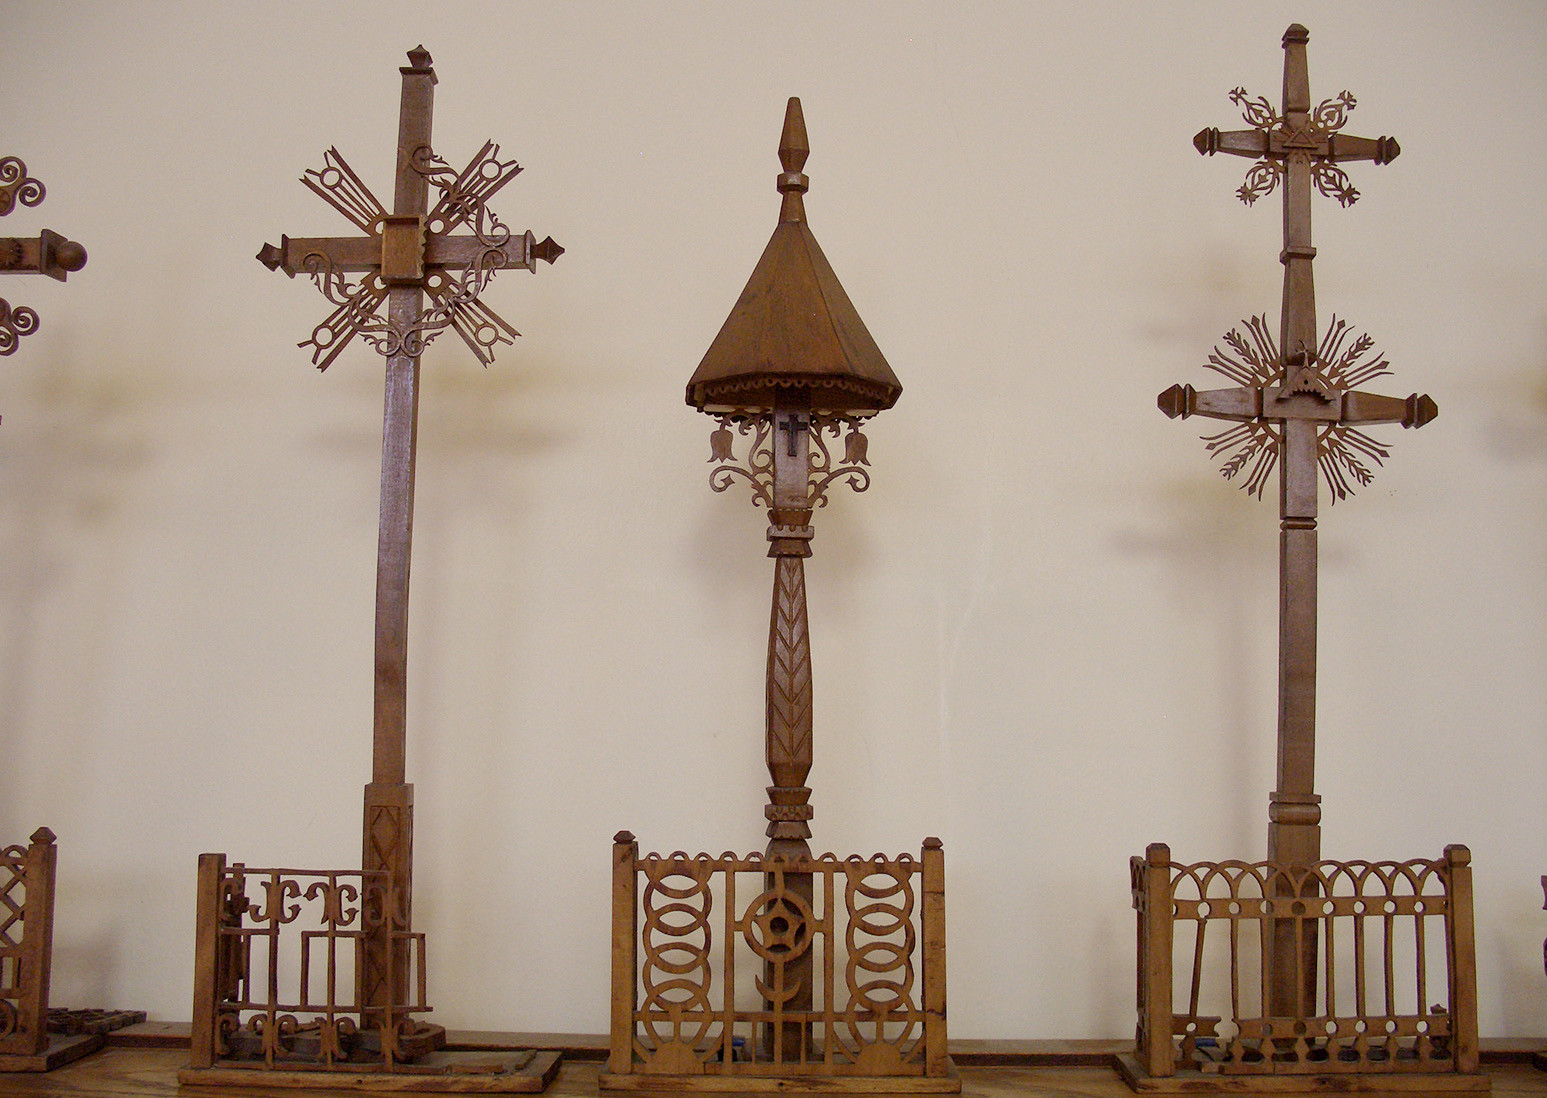 6 pav. A. Varno projektuoti, P. Laurinio išdrožti miniatiūriniai kryžiai ir stogastulpis. S. Urbonienės nuotr., 2012